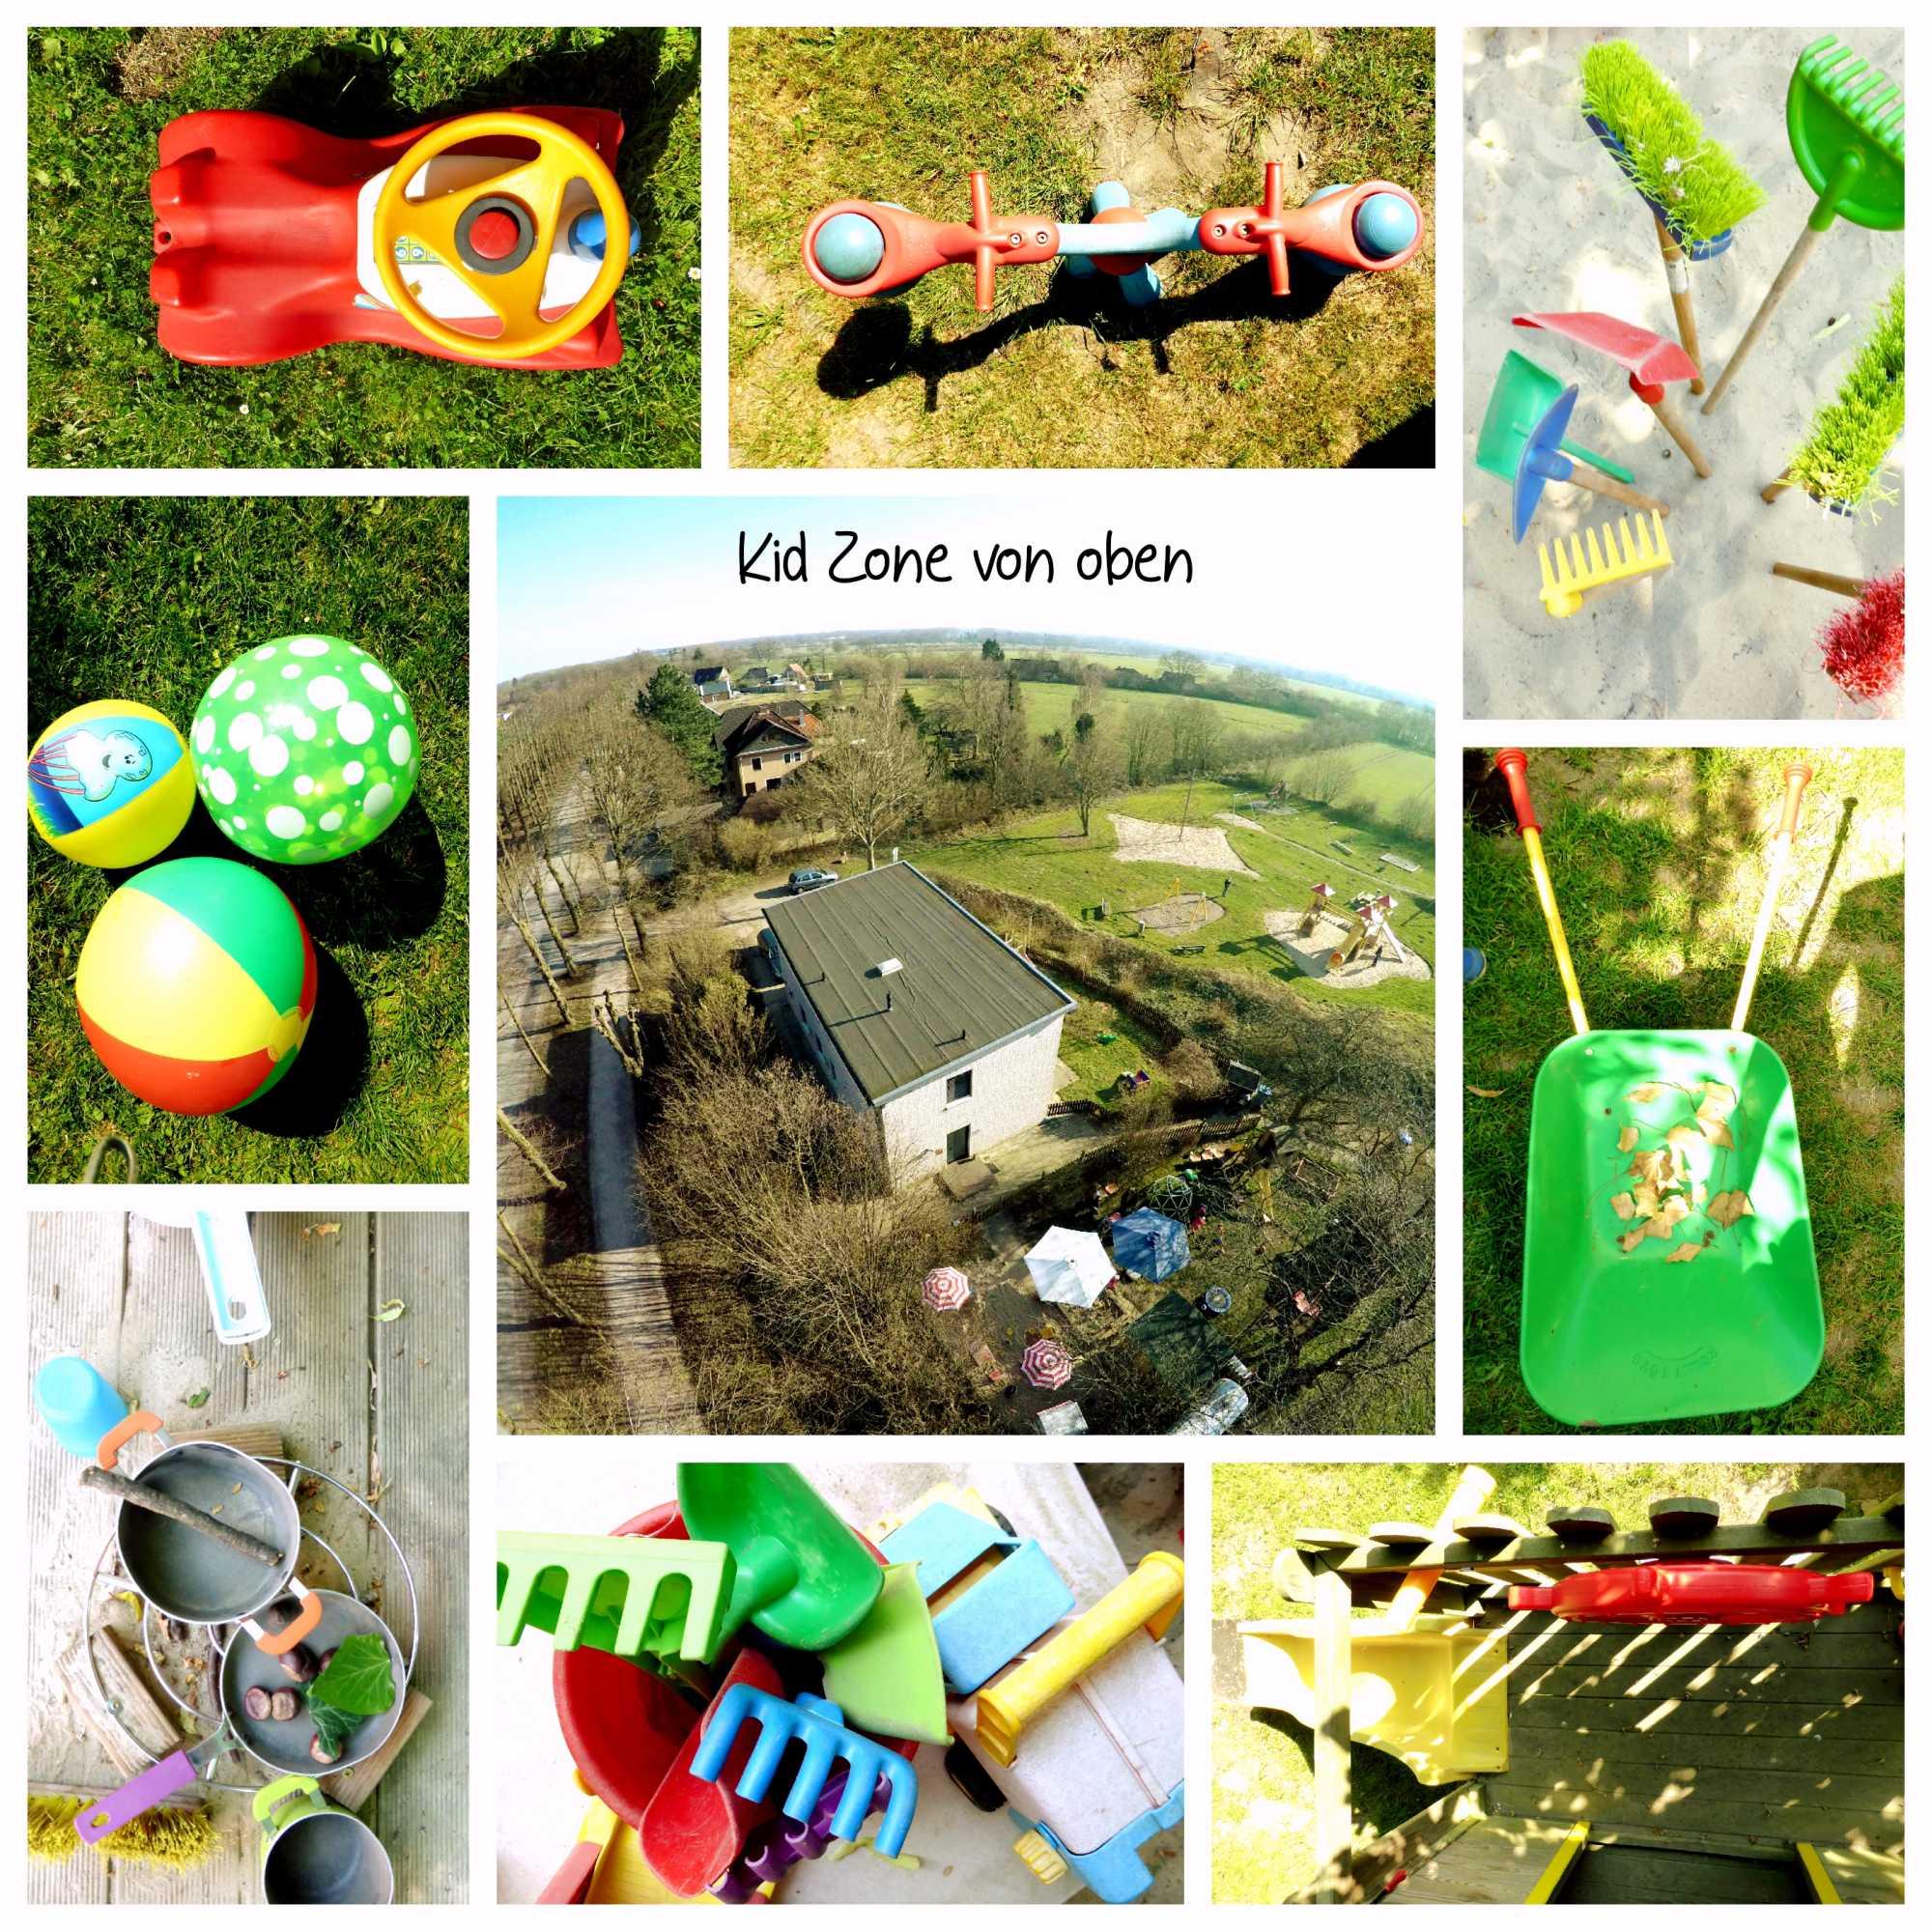 Kita Kid Zone Kinderbetreuung Garten 1 1 - Outdoor-Spielzeug